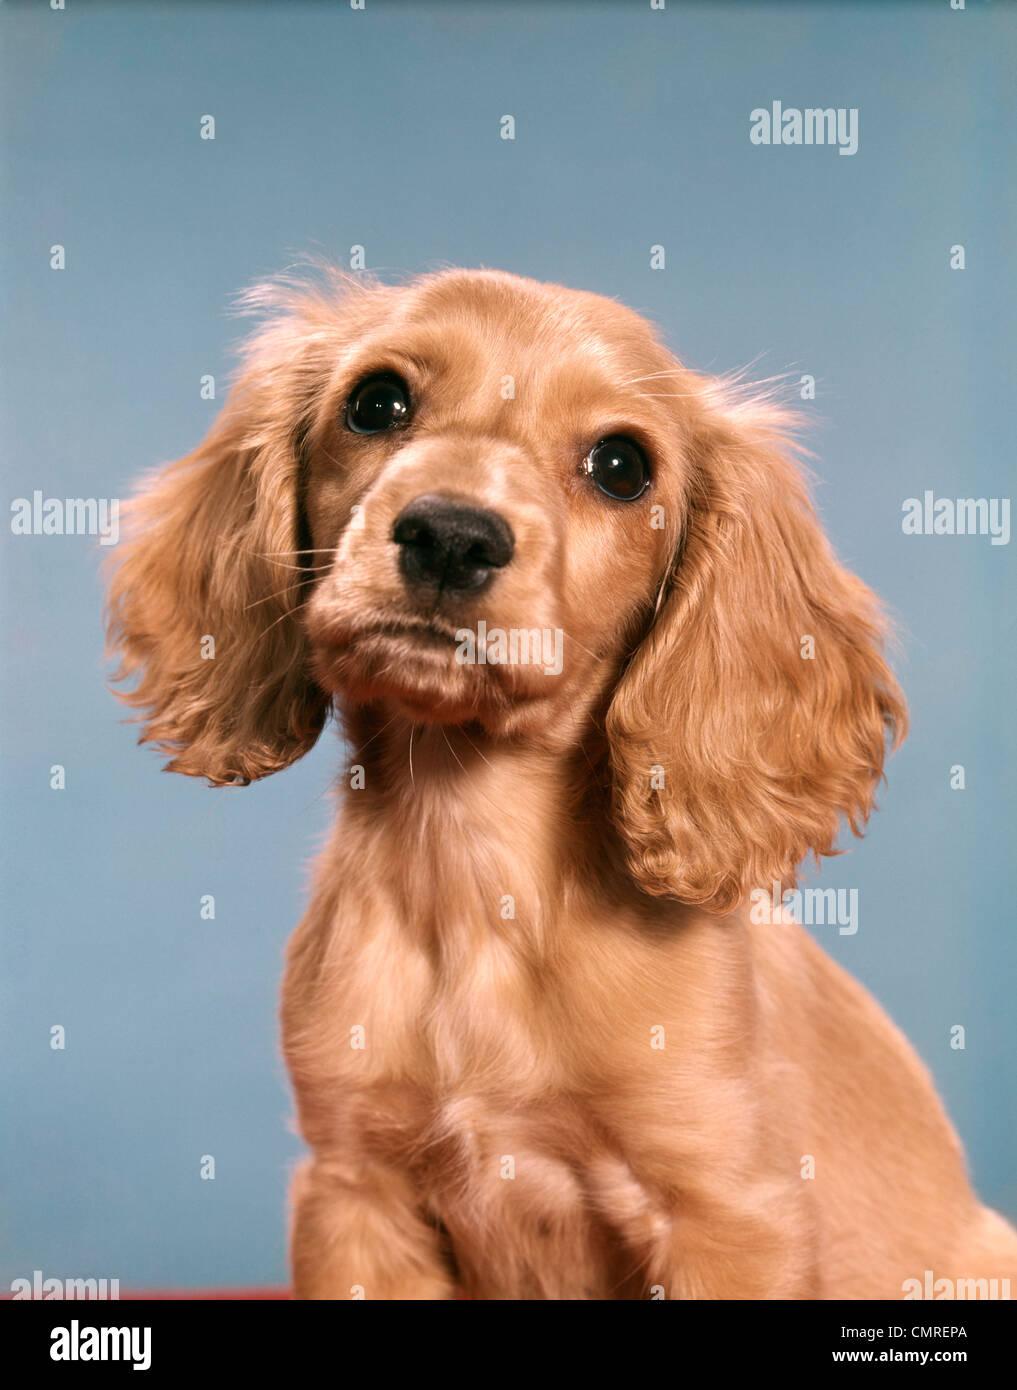 1980 lindo perrito Cocker Spaniel mirando a la cámara Imagen De Stock